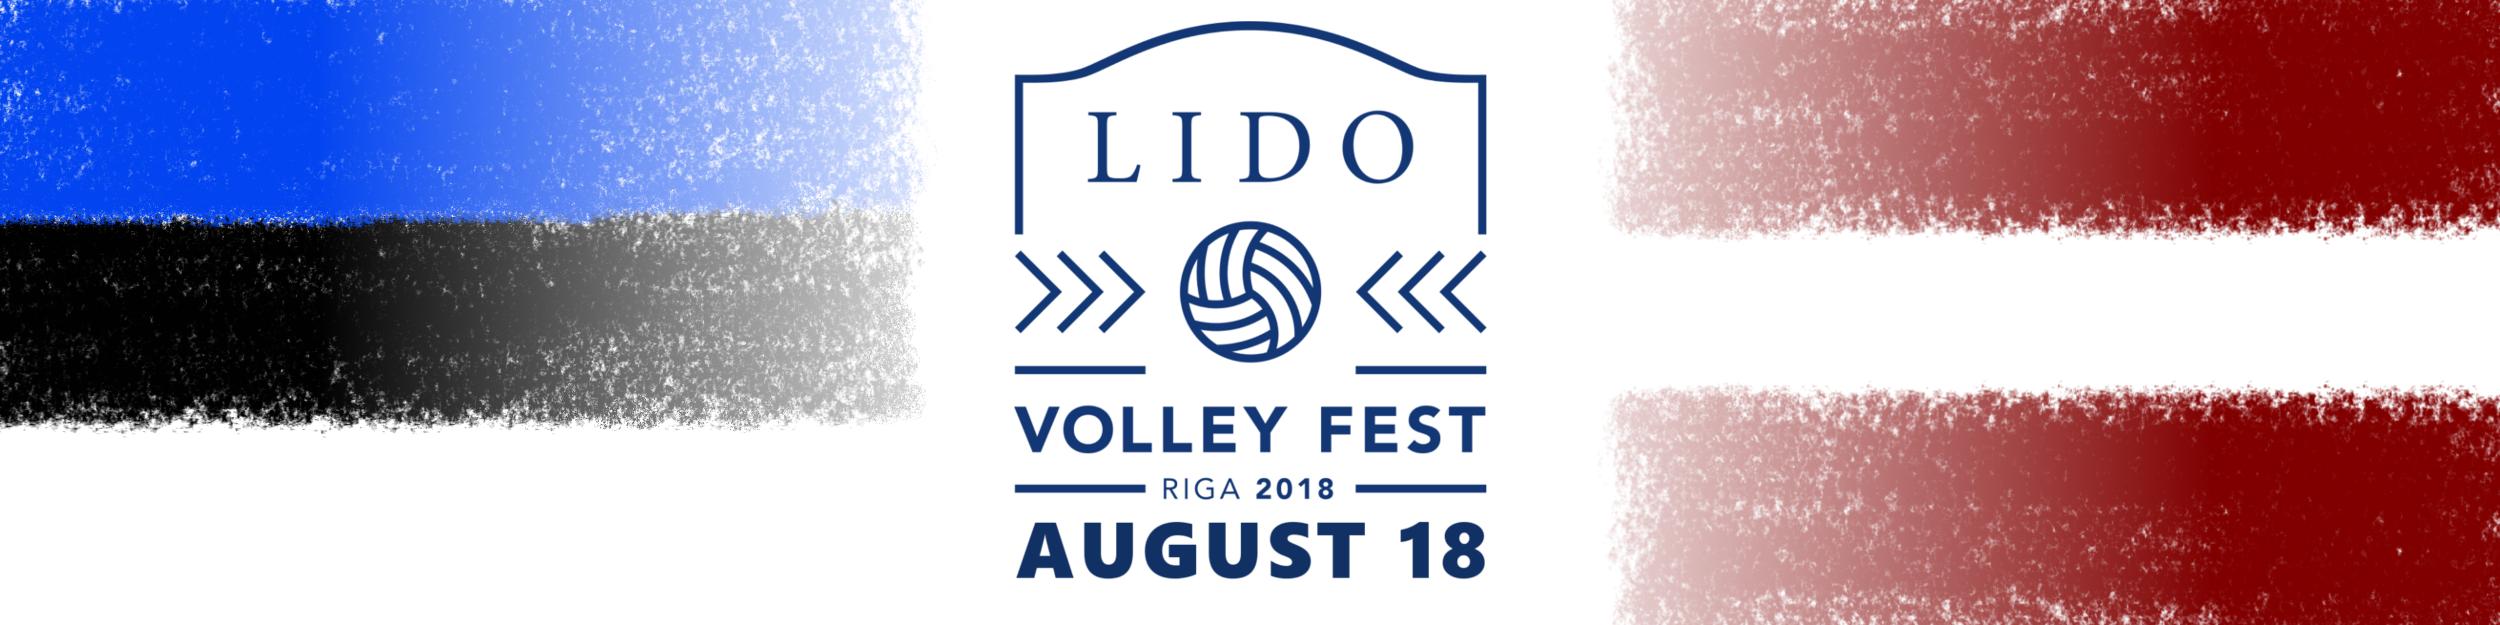 Lido VolleyFest 2018